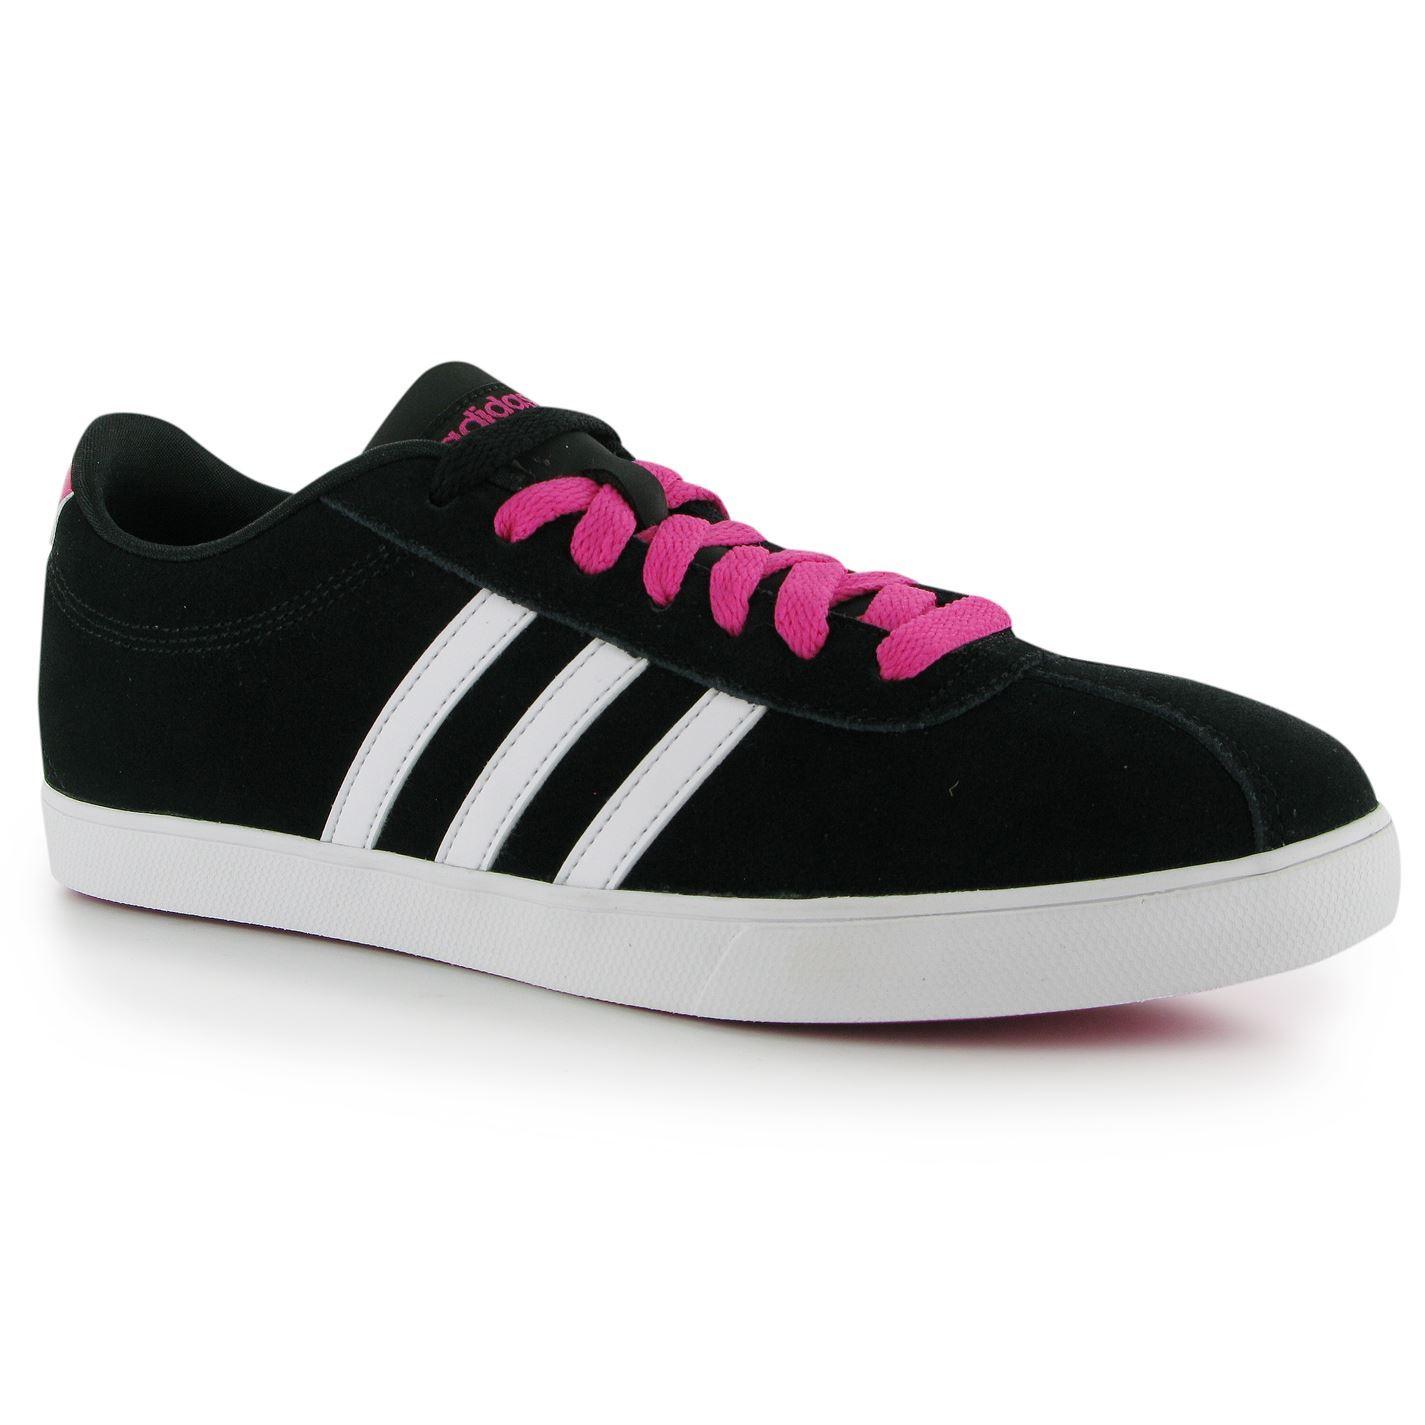 a41390f8e882 women s originals tubular defiant shoes